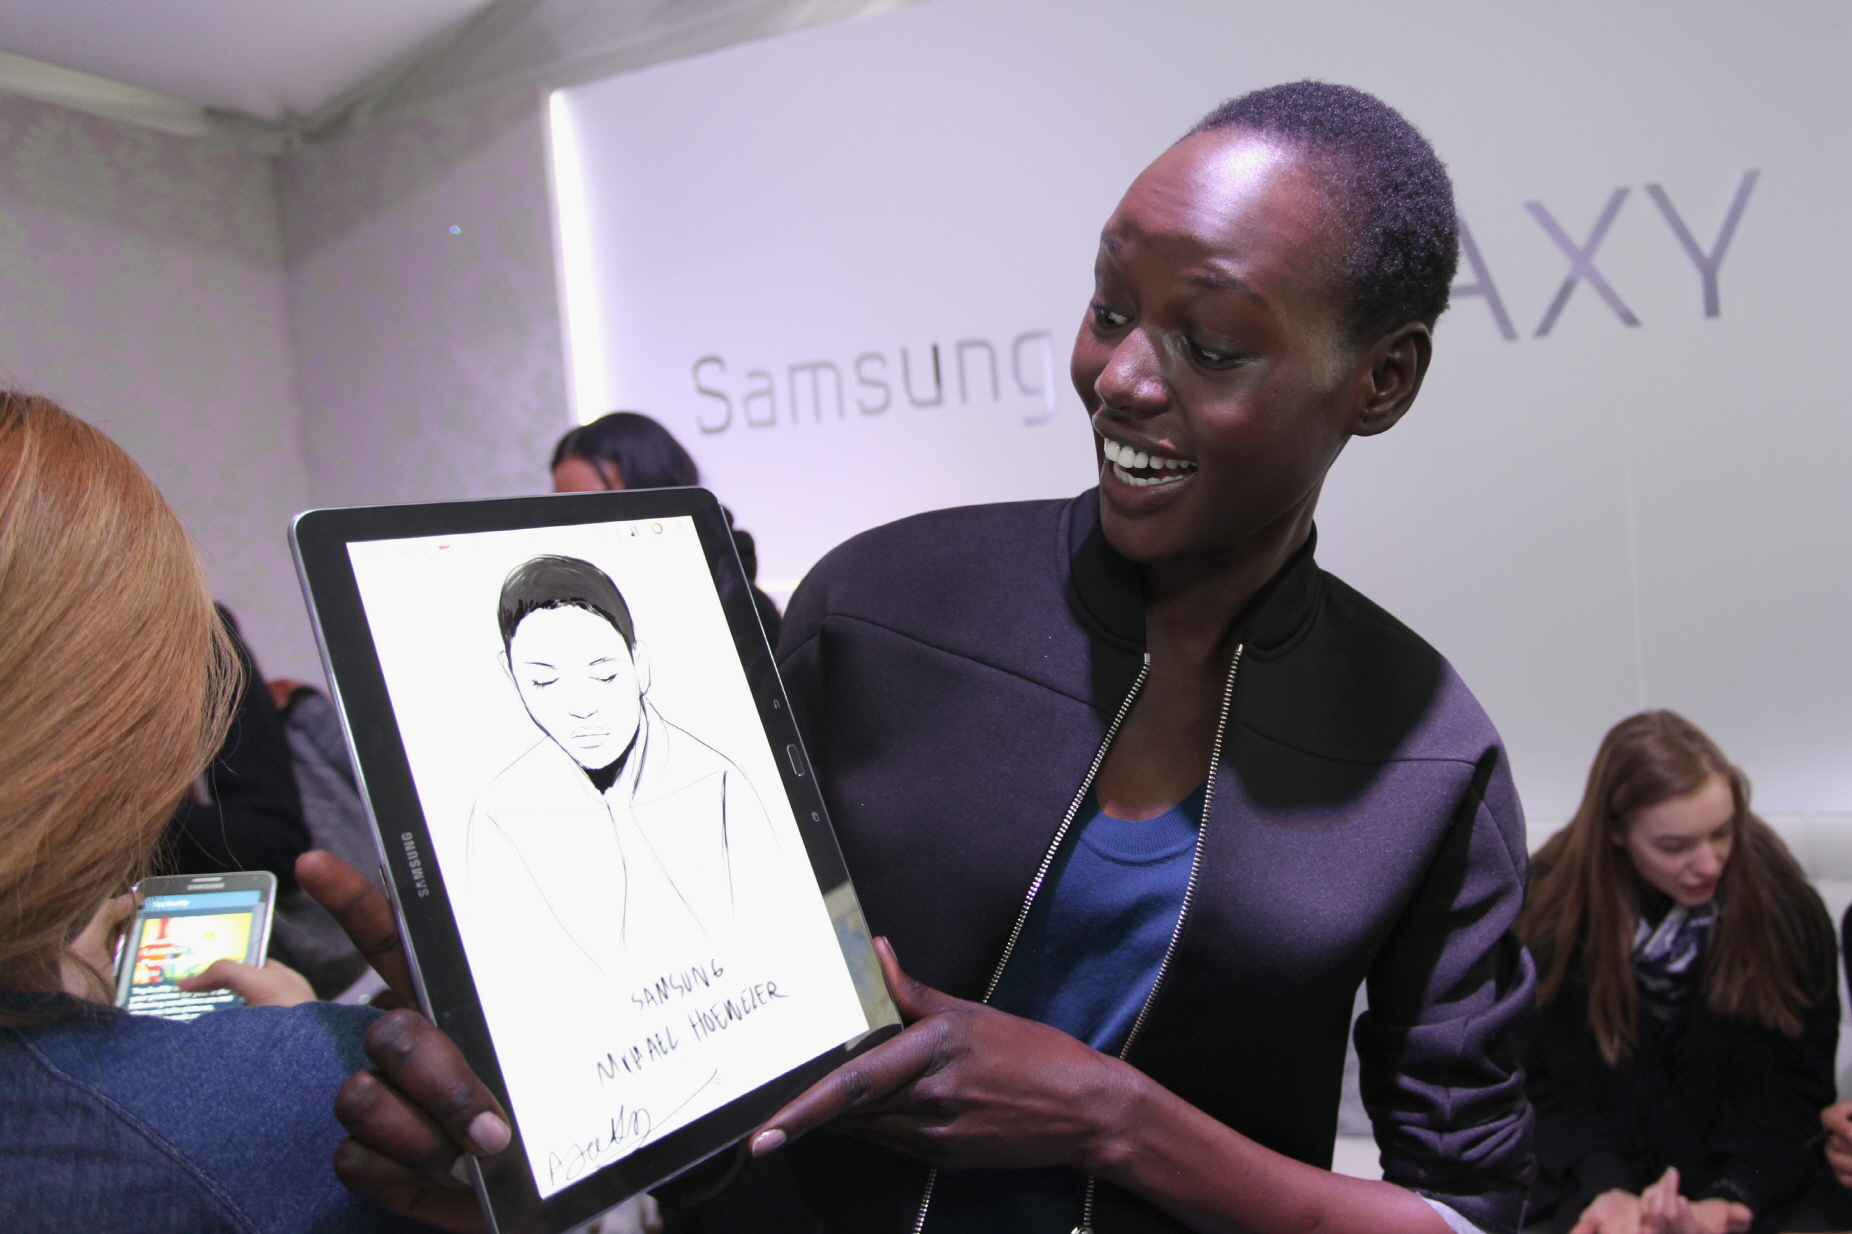 2014년 F/W 뉴욕 패션위크 백스테이지의 '삼성 갤럭시 라운지(Samsung Galaxy Lounge)'에서 자신의 스케치가 그려진 갤럭시 노트 프로와 함께 포즈를 취하고 있는 모델 아작 뎅(Ajak Deng)